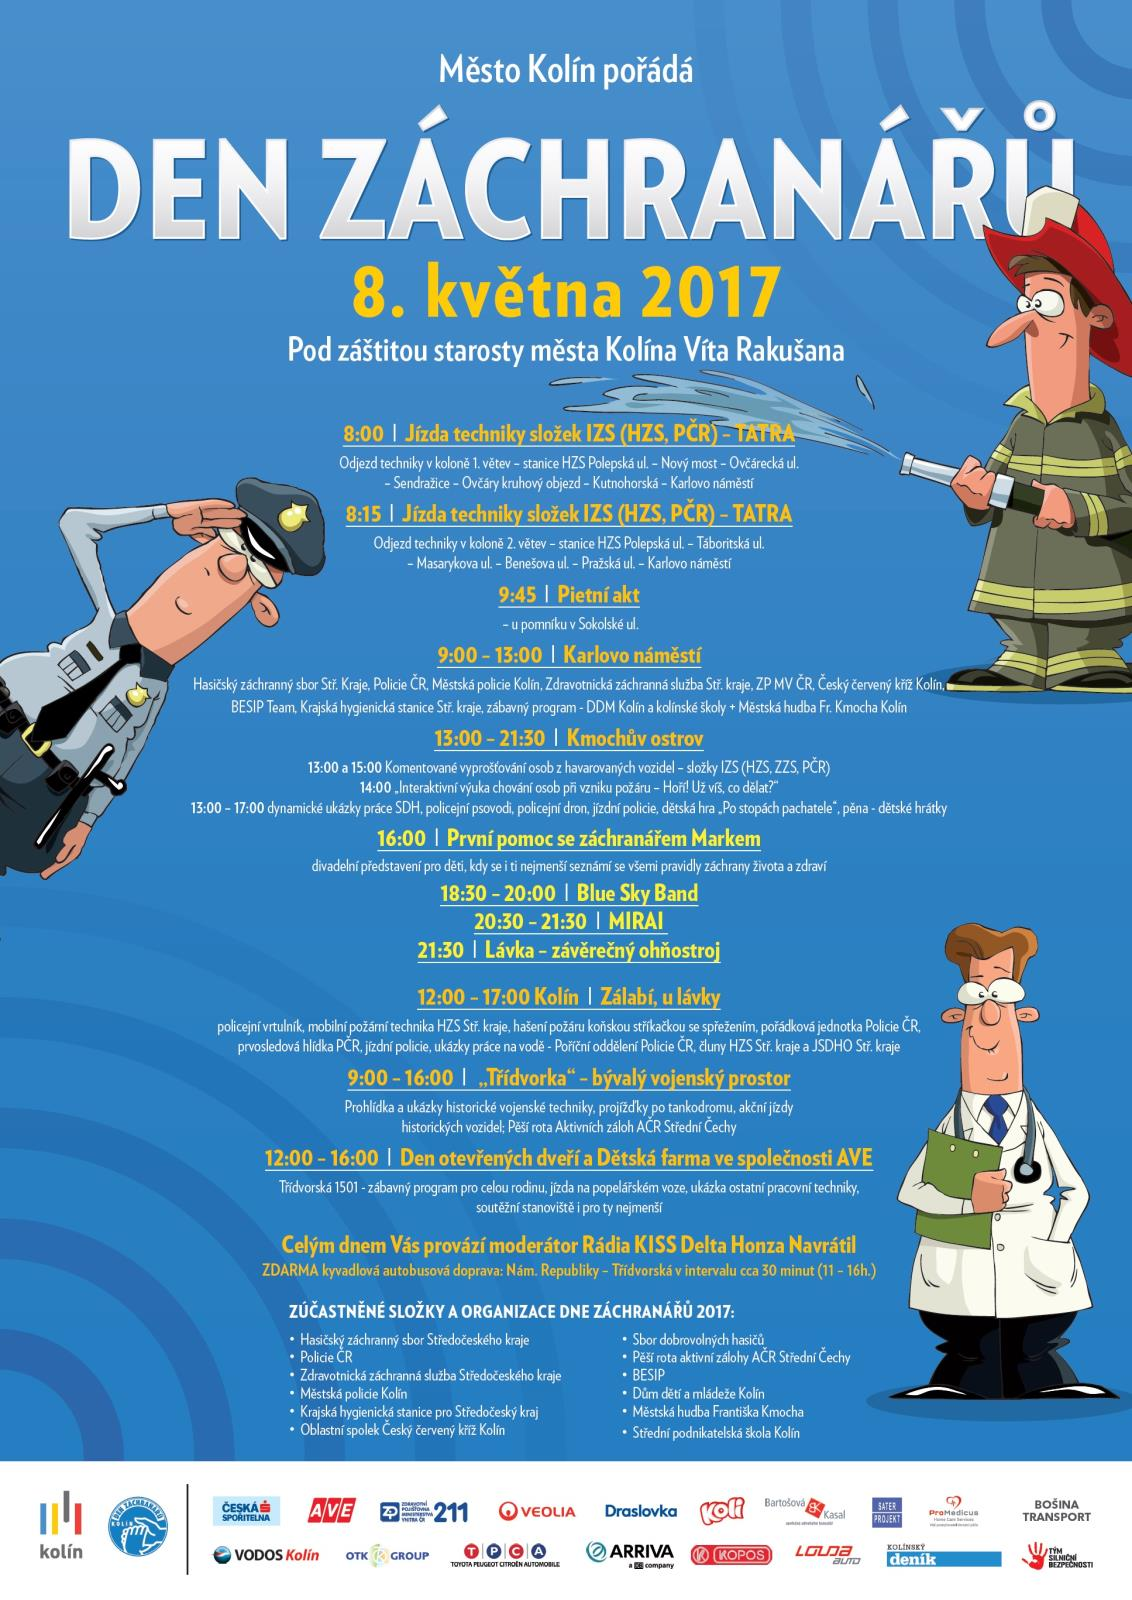 http://www.policie.cz/SCRIPT/ViewImage.aspx?id=774 089&docname=Den-Zachranaru-2017